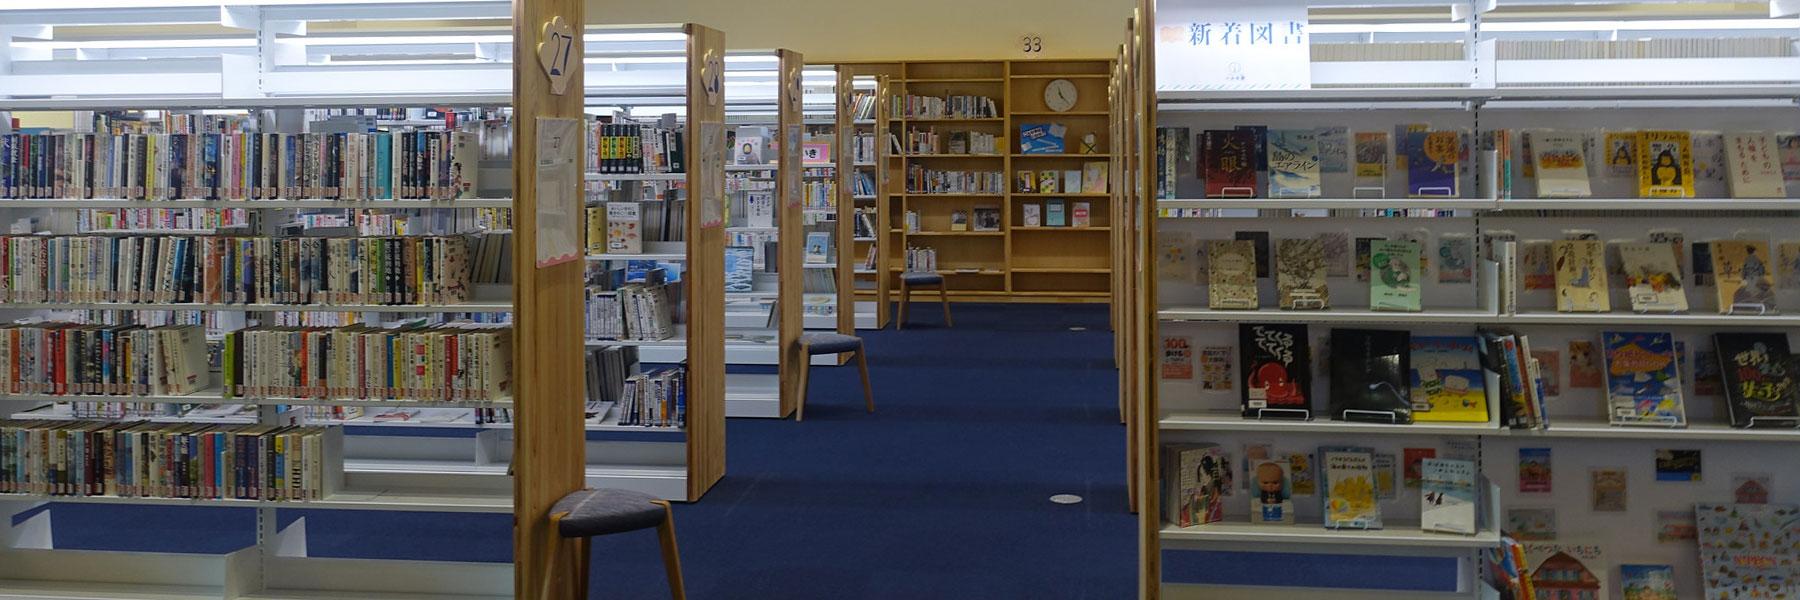 西ノ島町コミュニティ図書館